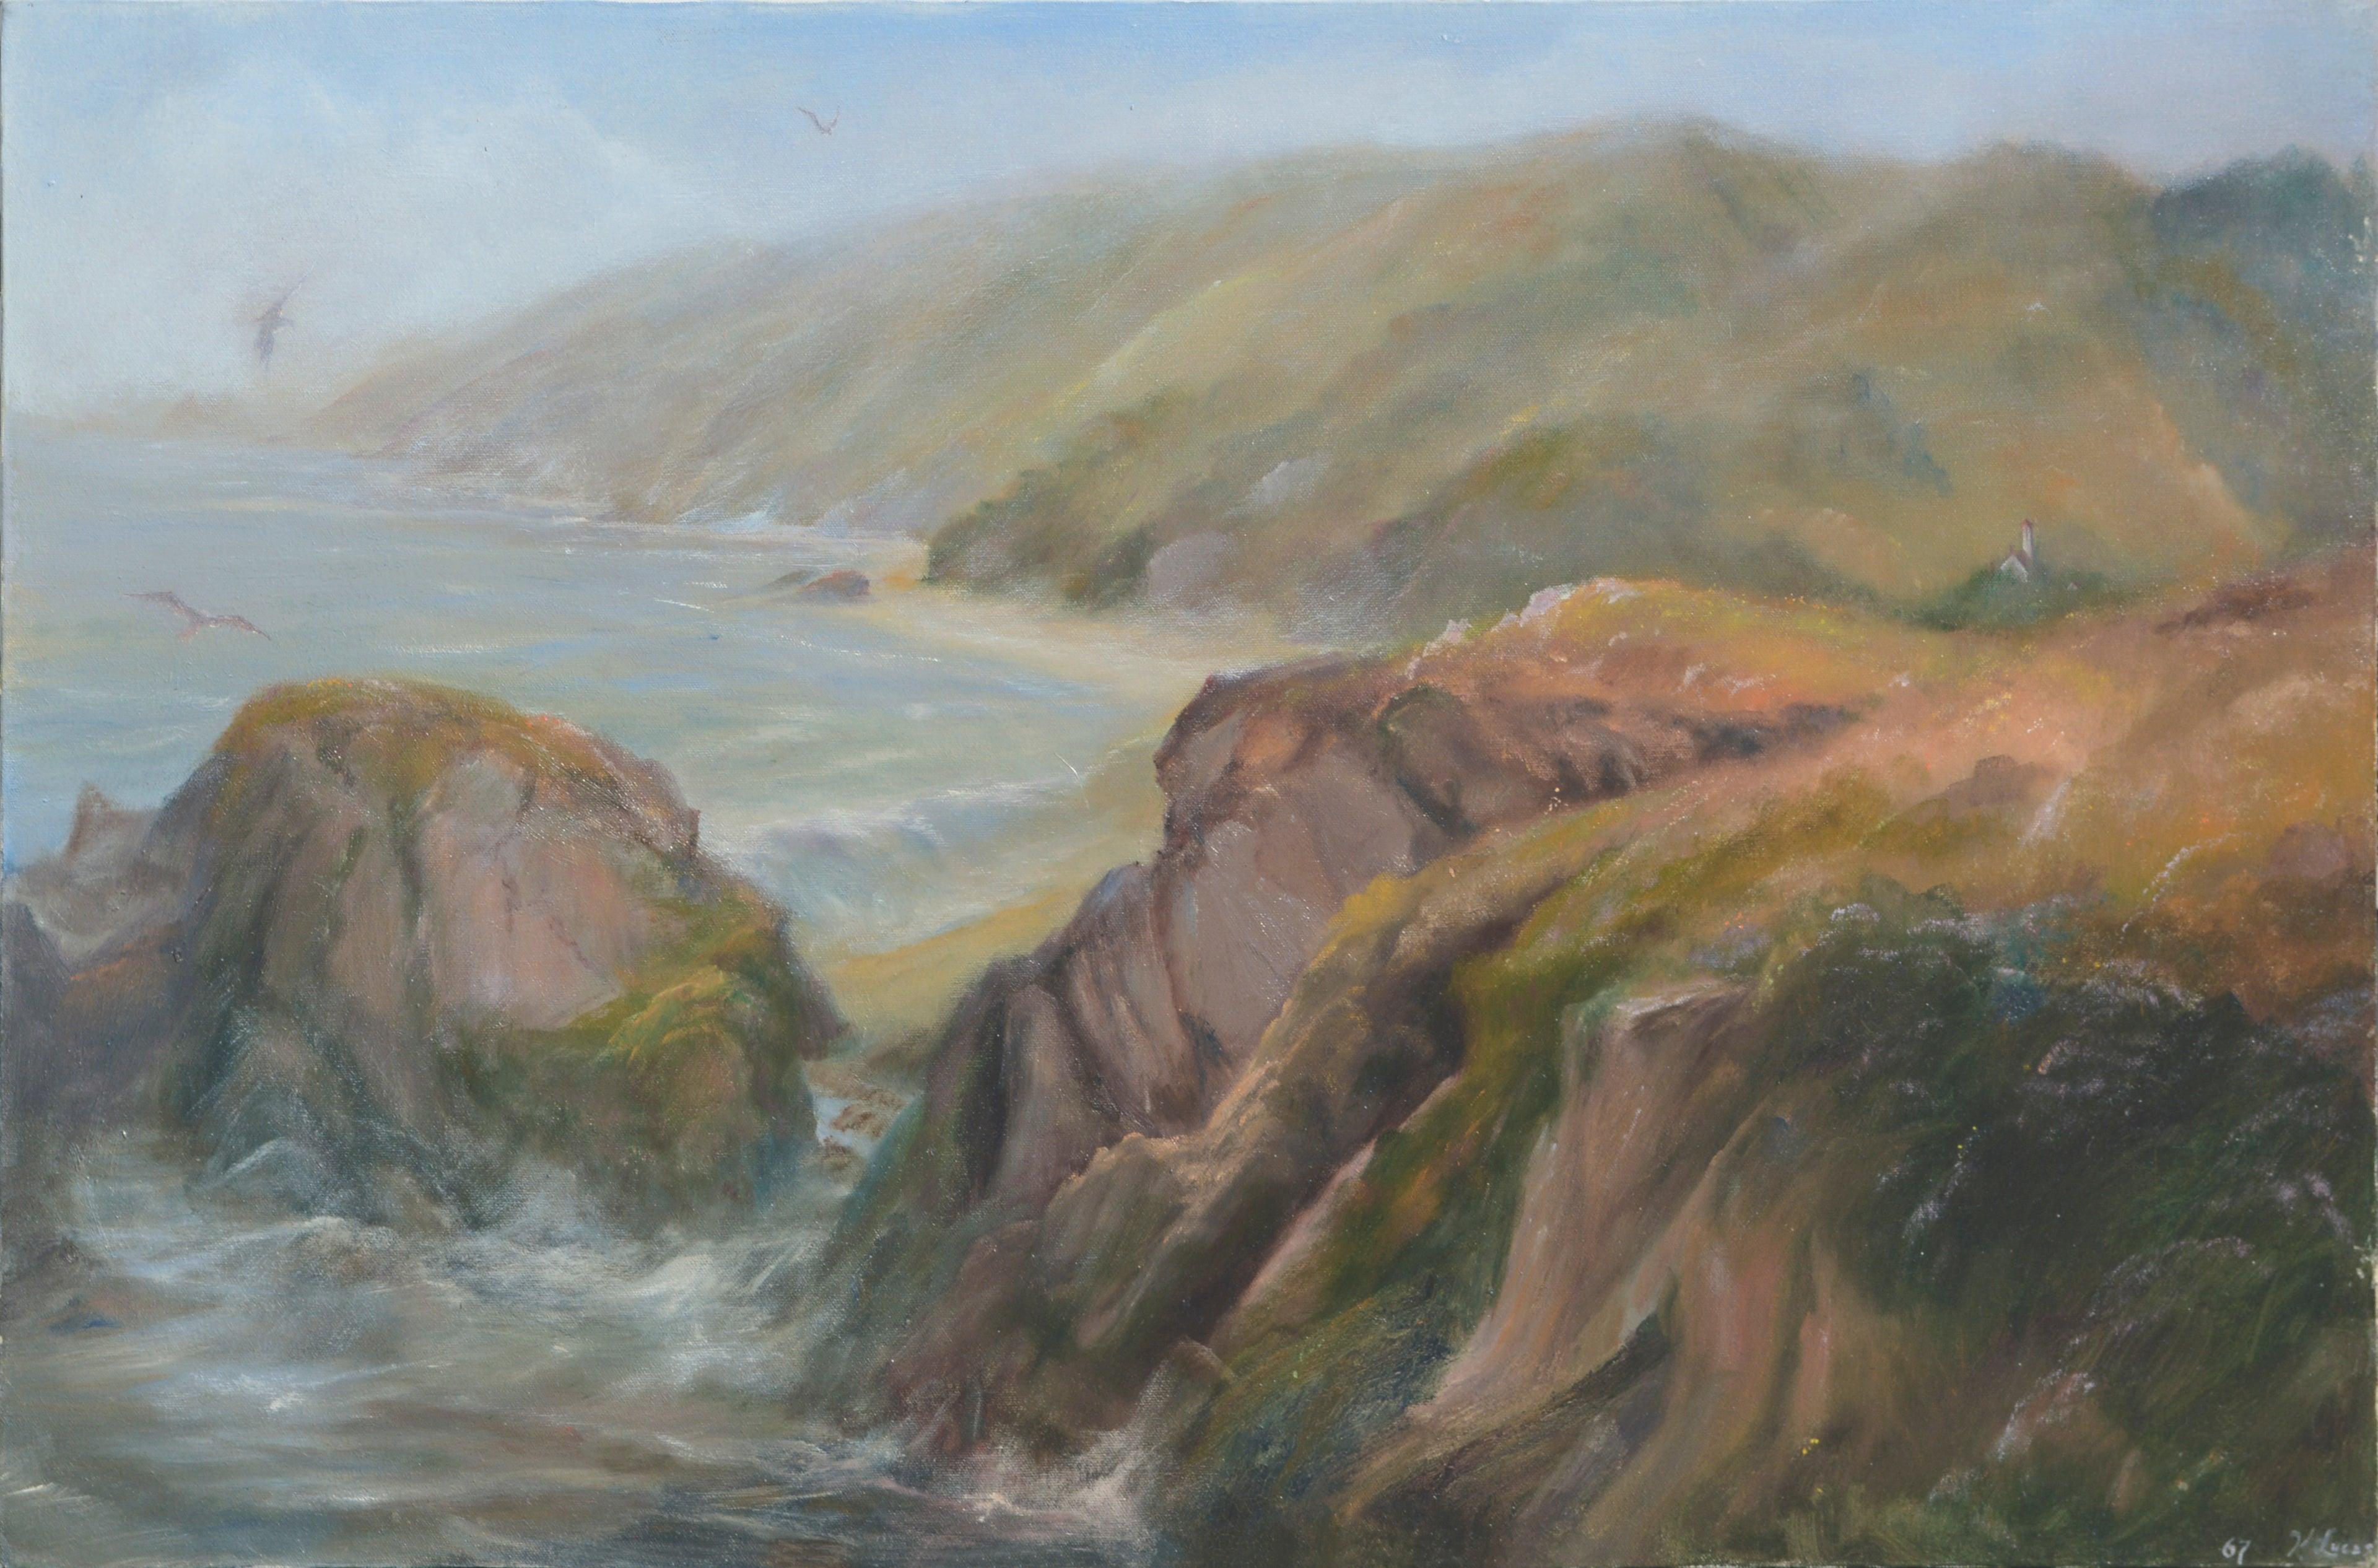 Big Sur Cove - Landscape by Kenneth Lucas